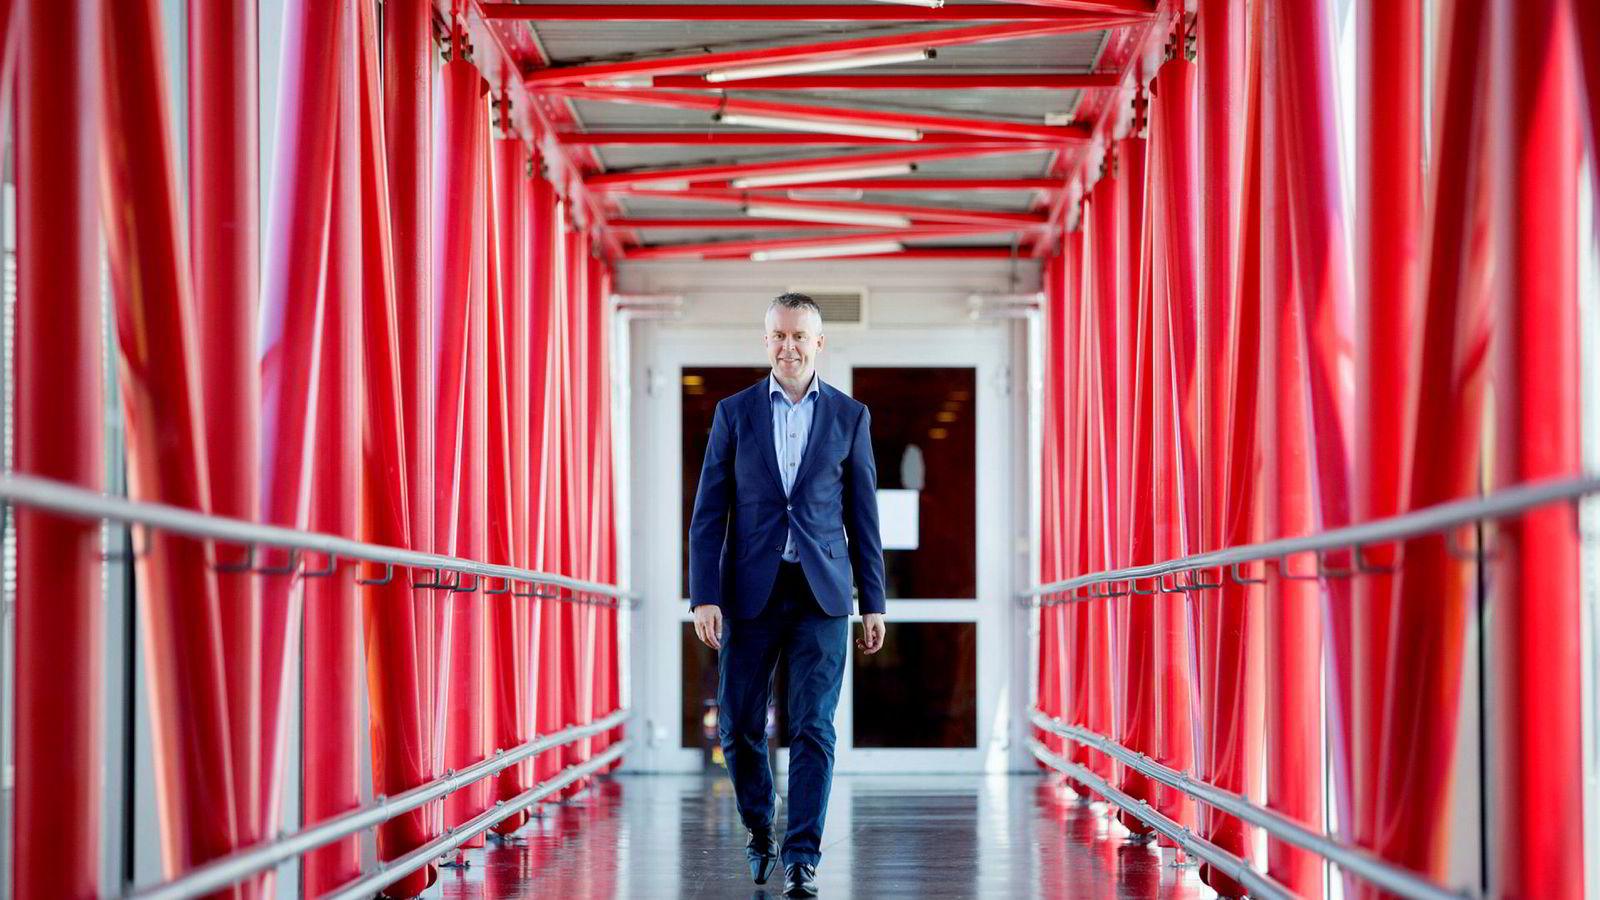 Administrerende direktør Stein Rømmerud i Coca-Cola Norge doblet resultatet i fjor sammenlignet med året før.